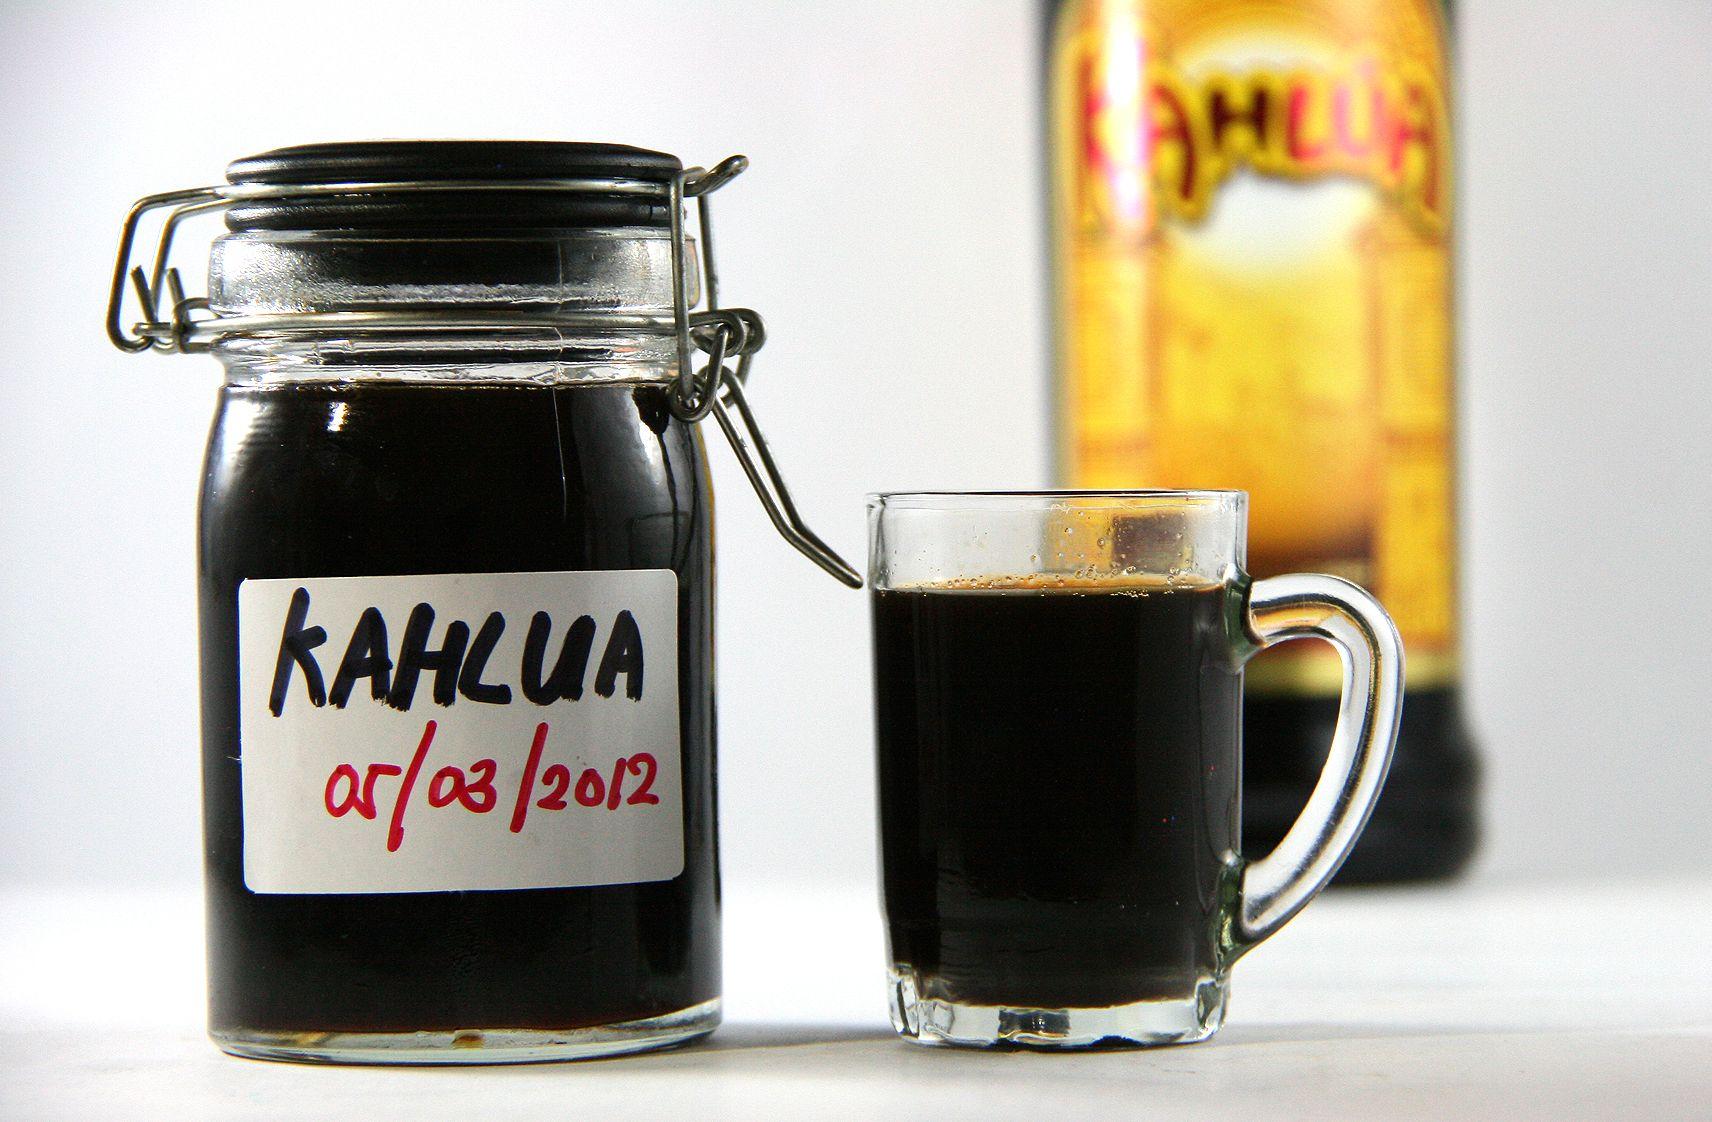 Make Kahlua (With images) Kahlua recipes, Homemade kahlua